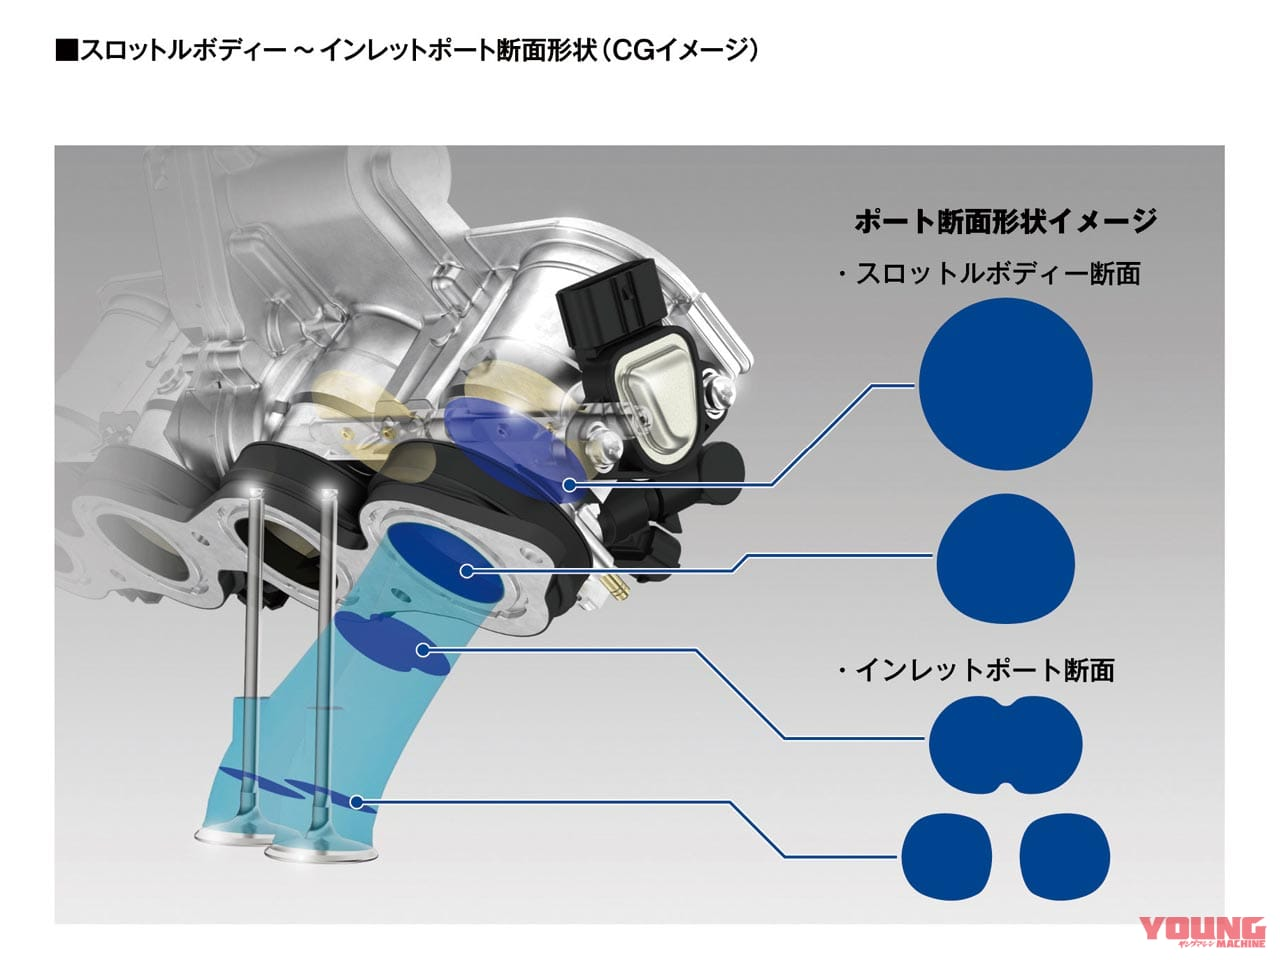 新型ホンダCBR600RR完全解説【78psから600cc最強の121psへ】